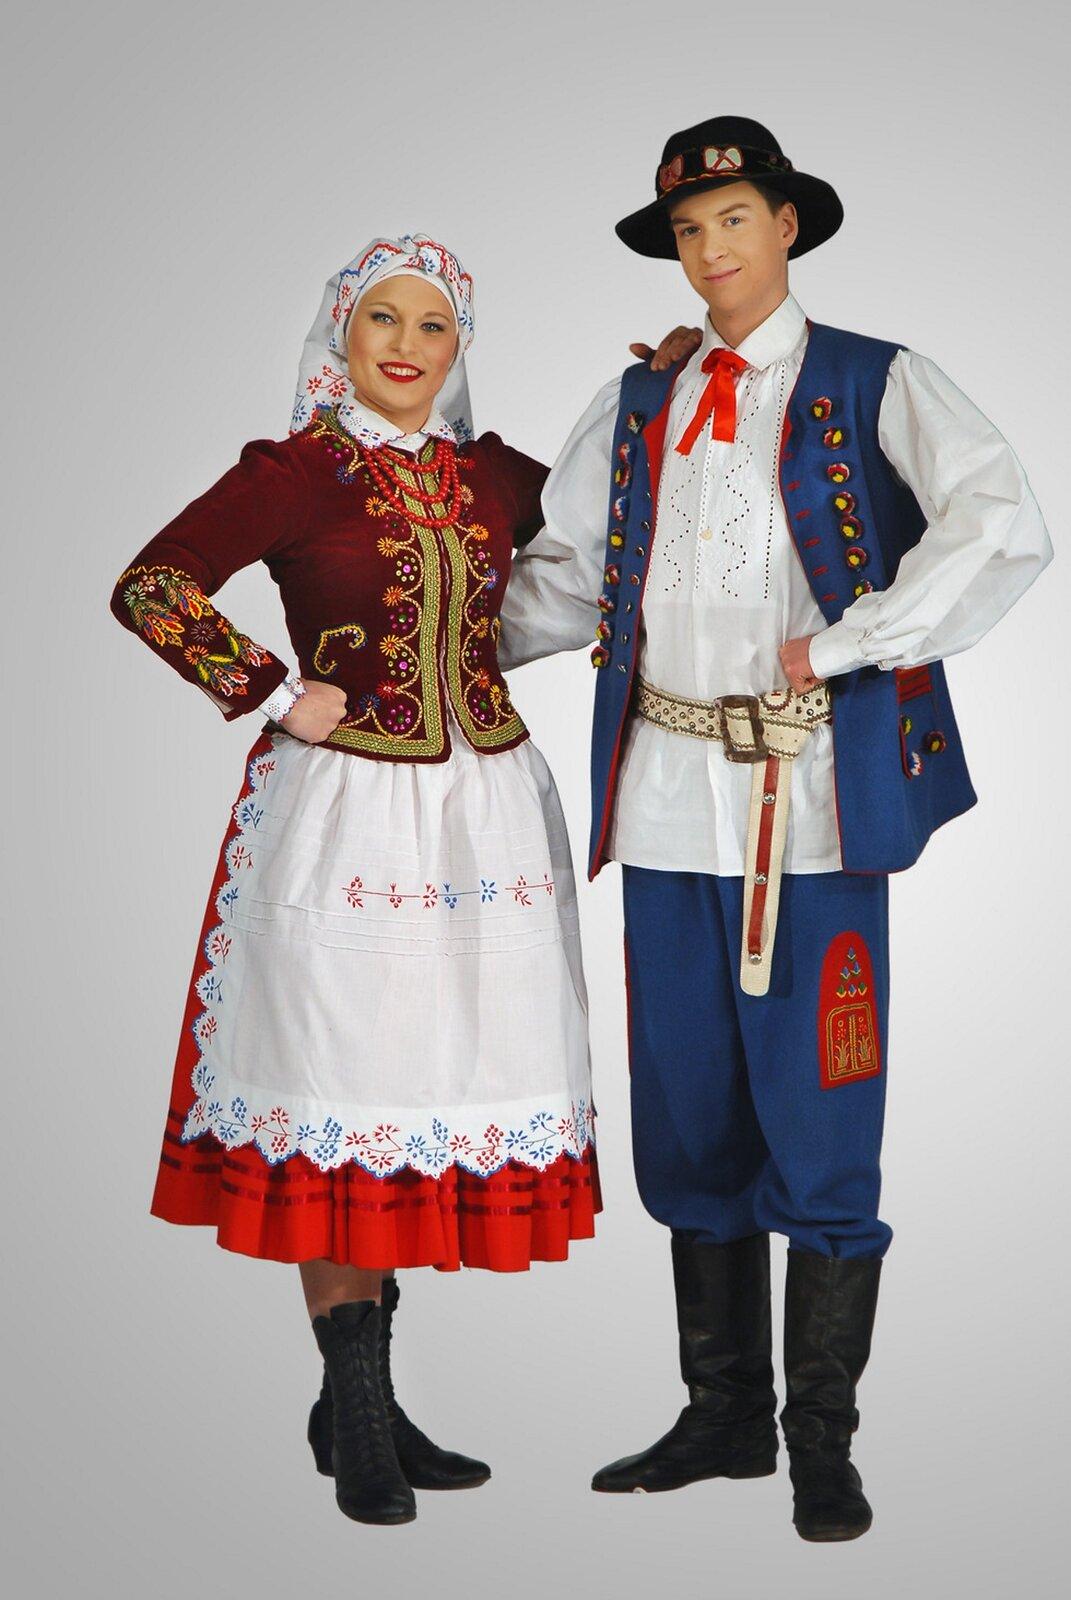 Na zdjęciu para ubrana wstrój rzeszowski. Chłopak ma filcowy kapelusz. Na płóciennej koszuli nosi długą do bioder niebieską kamizelkę bez rękawów zżółto - czerwonymi zdobieniami. Spodnie chłopaka uszyte są niebieskiej tkaniny iwpuszczone wwysokie kozaki zcholewami. Dziewczyna nosi na głowie kwiecistą chustę. Na białej koszuli ma sukienny kaftanik wbordowym kolorze, dopasowany wtalii ibogato zdobiony haftami. Czerwona, szeroka, bogato marszczona spódnica opasana jest fartuszkiem zwanym zapaską. Strój uzupełniają czarne wysokie trzewiki iczerwone korale.